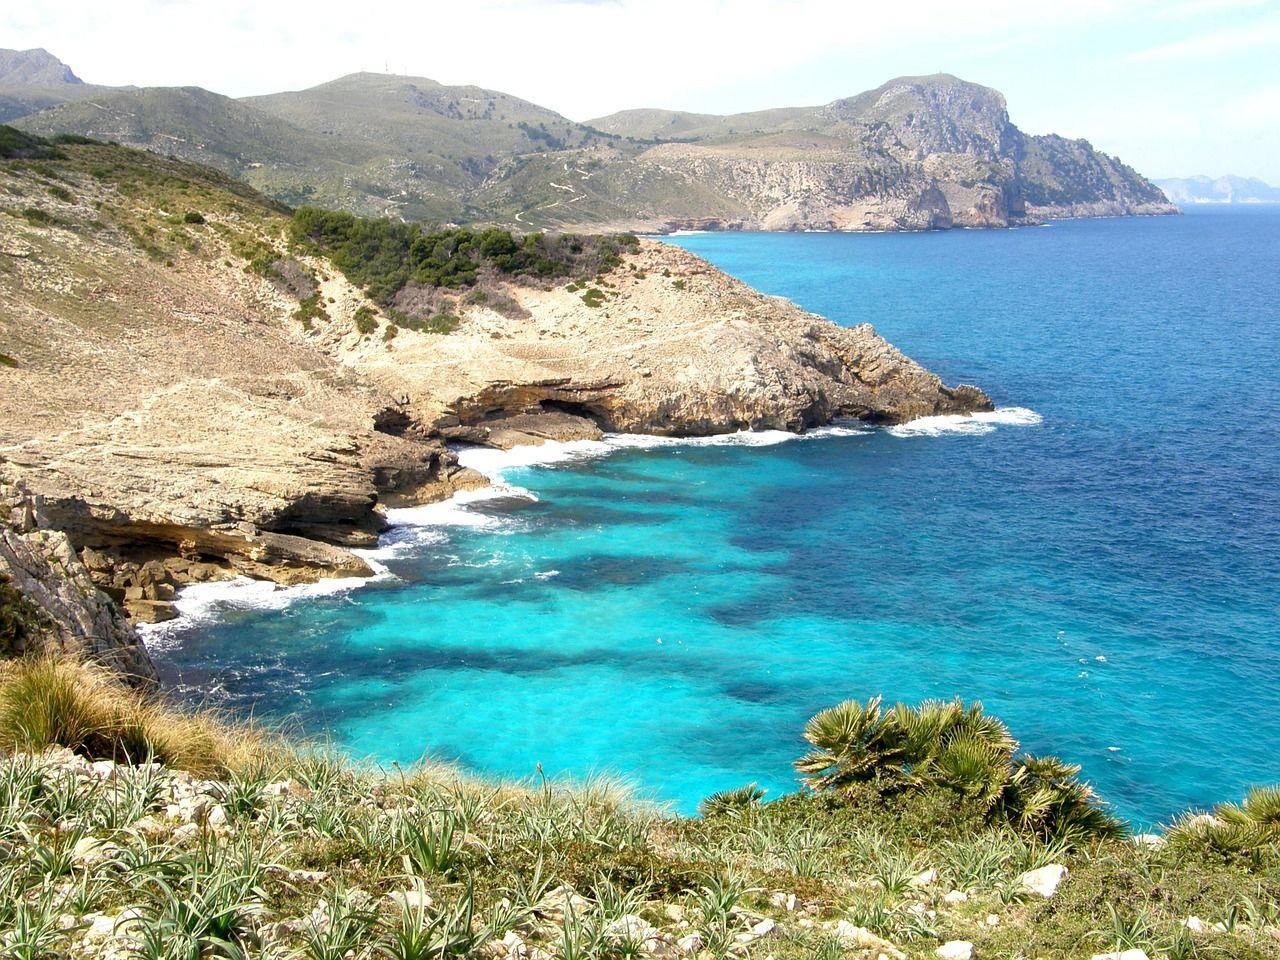 Vijf tips voor een heerlijke vakantie op Mallorca